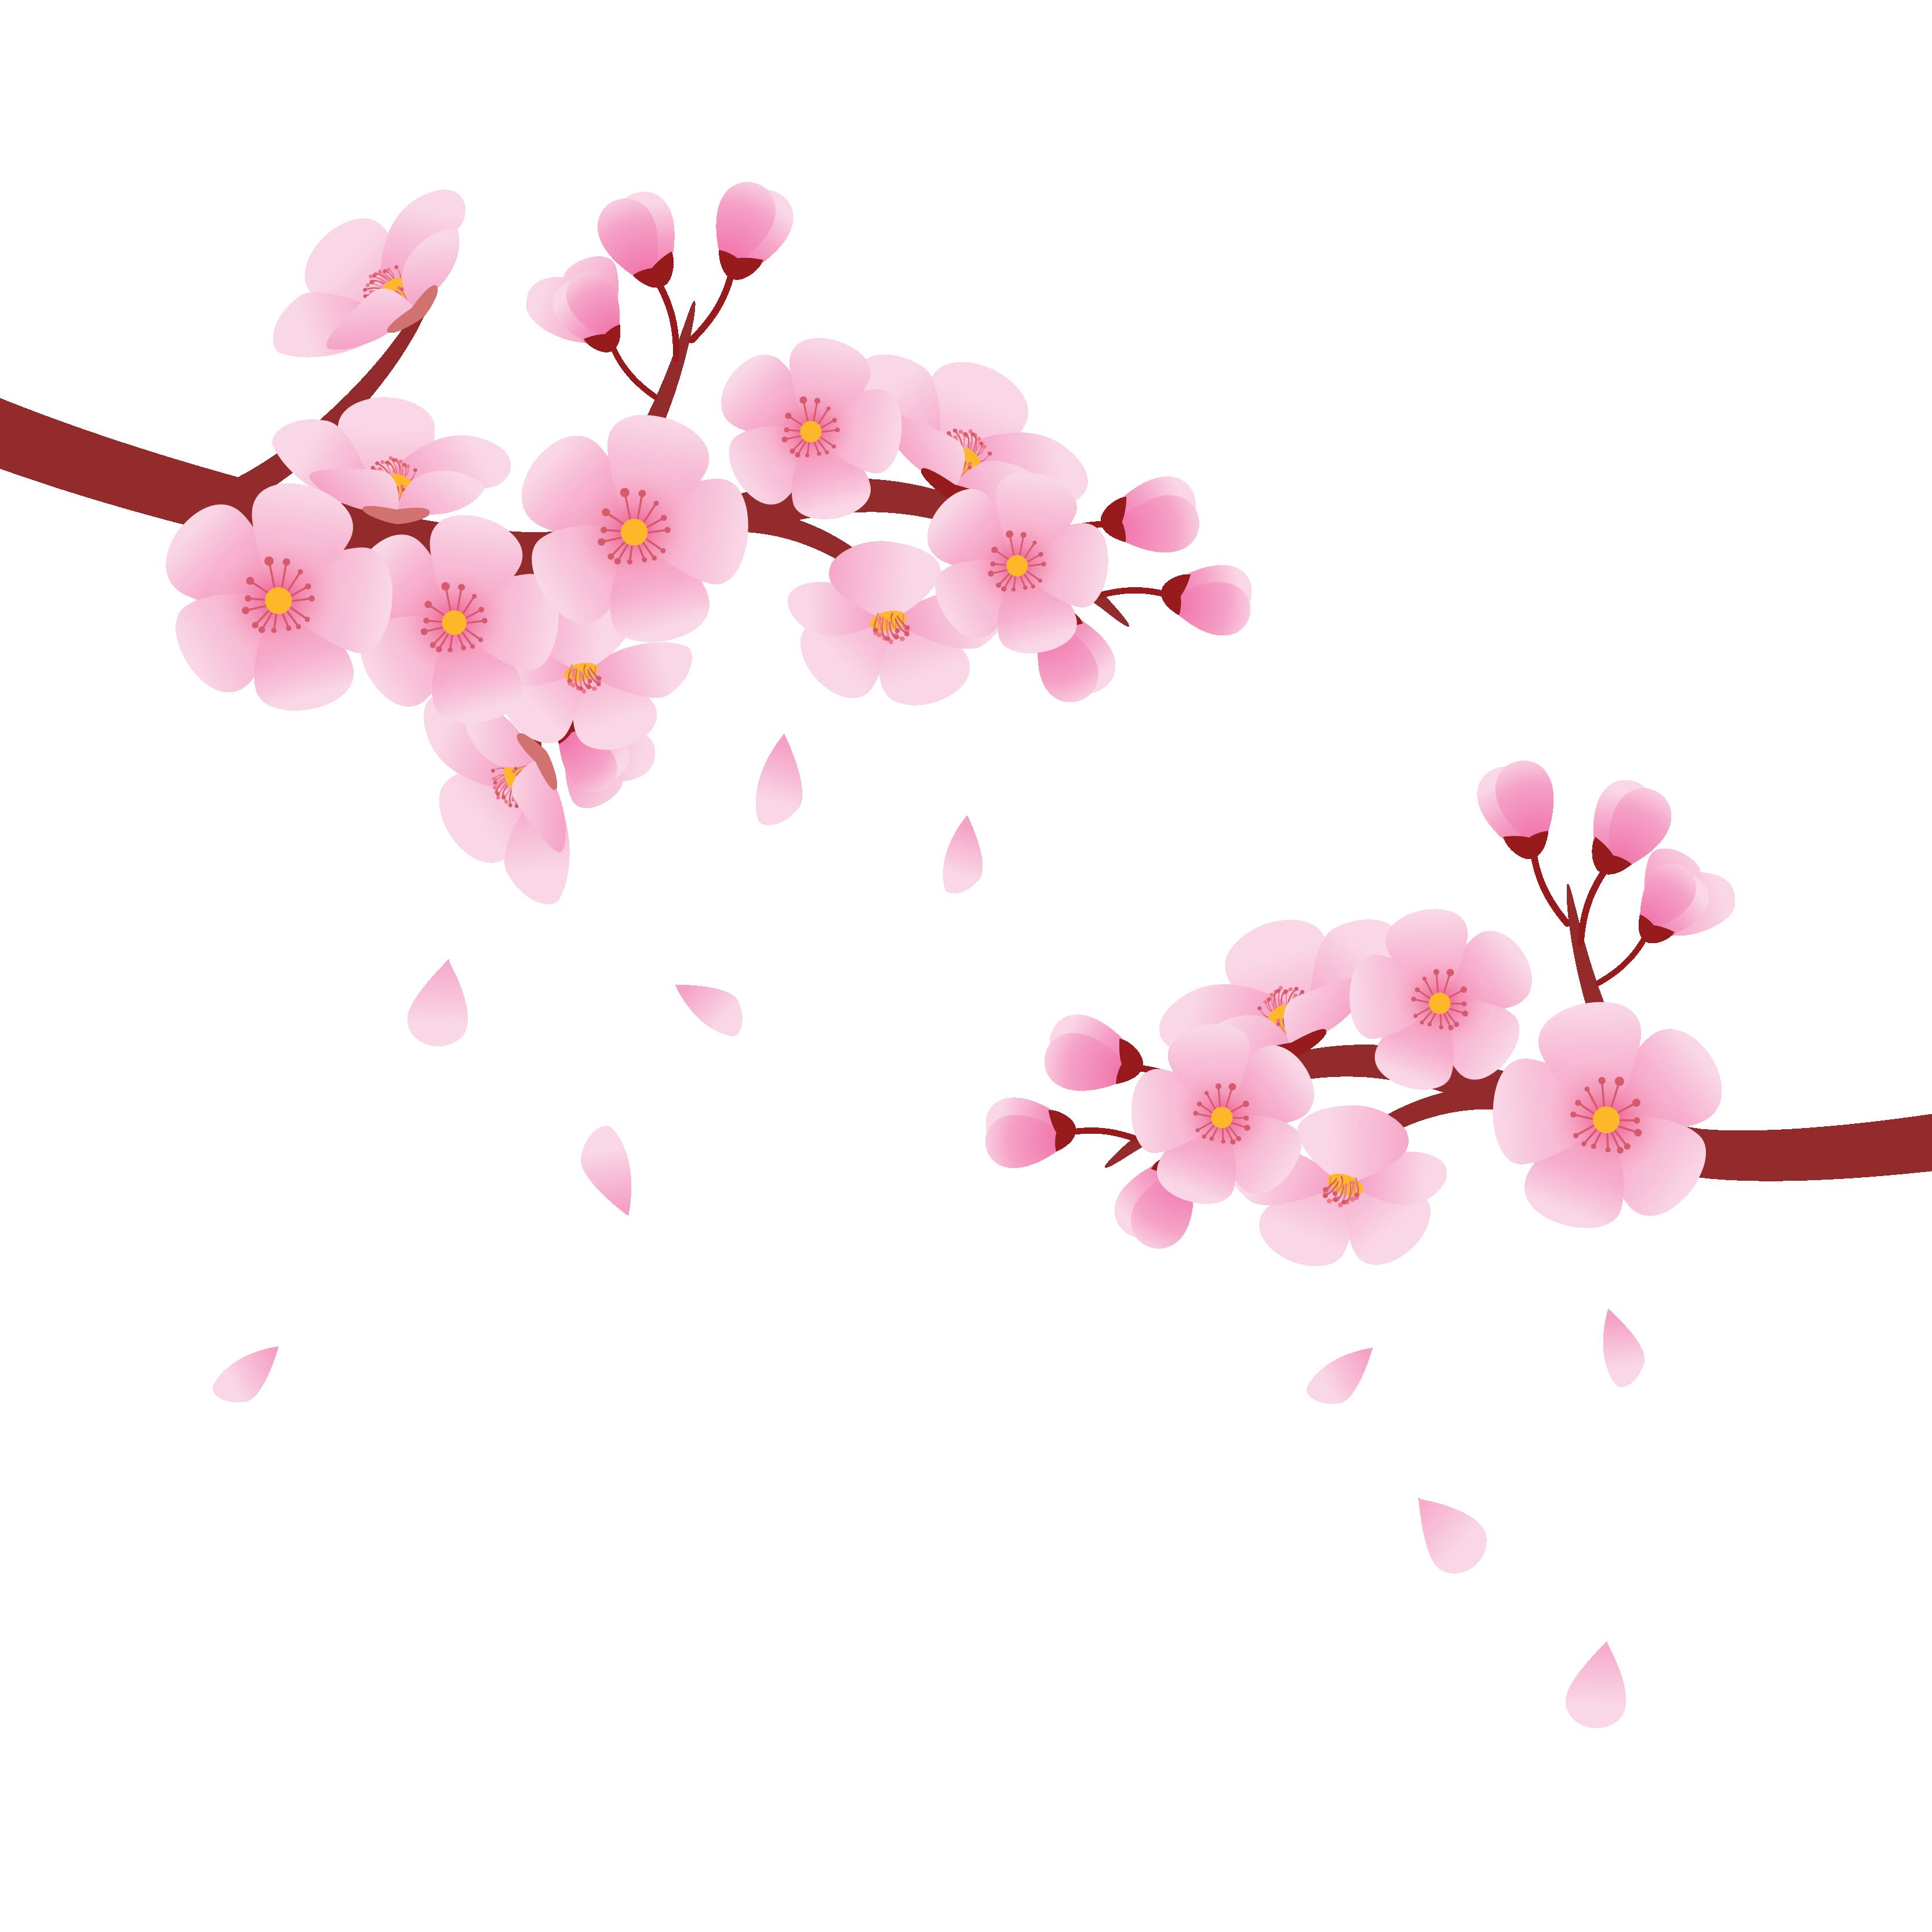 Hình ảnh hoa đào màu hồng đẹp